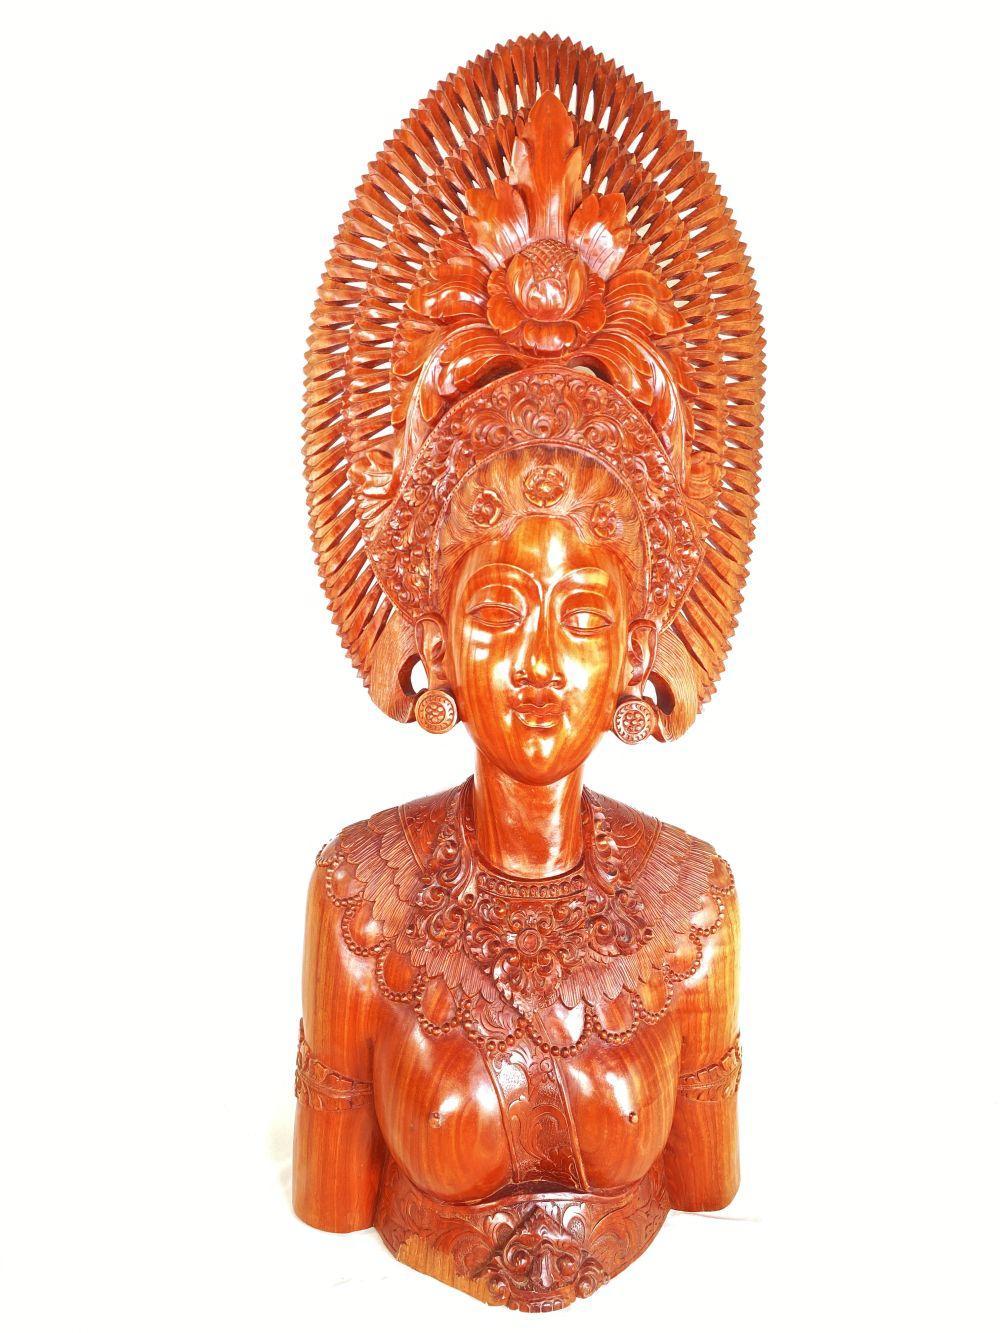 Vintage African Hand Carved Wood Sculpture